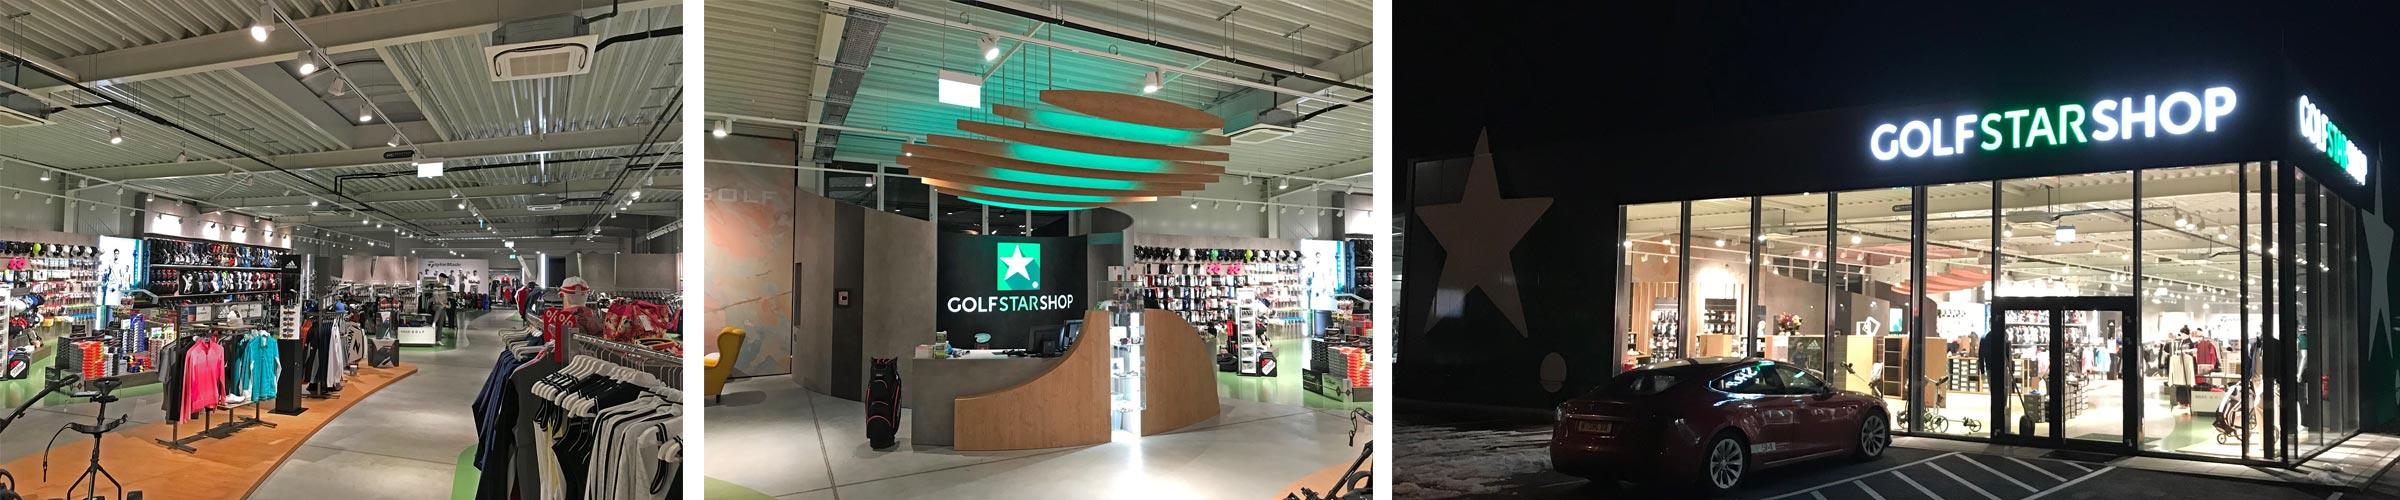 Golfshop mit SML LED Produkten